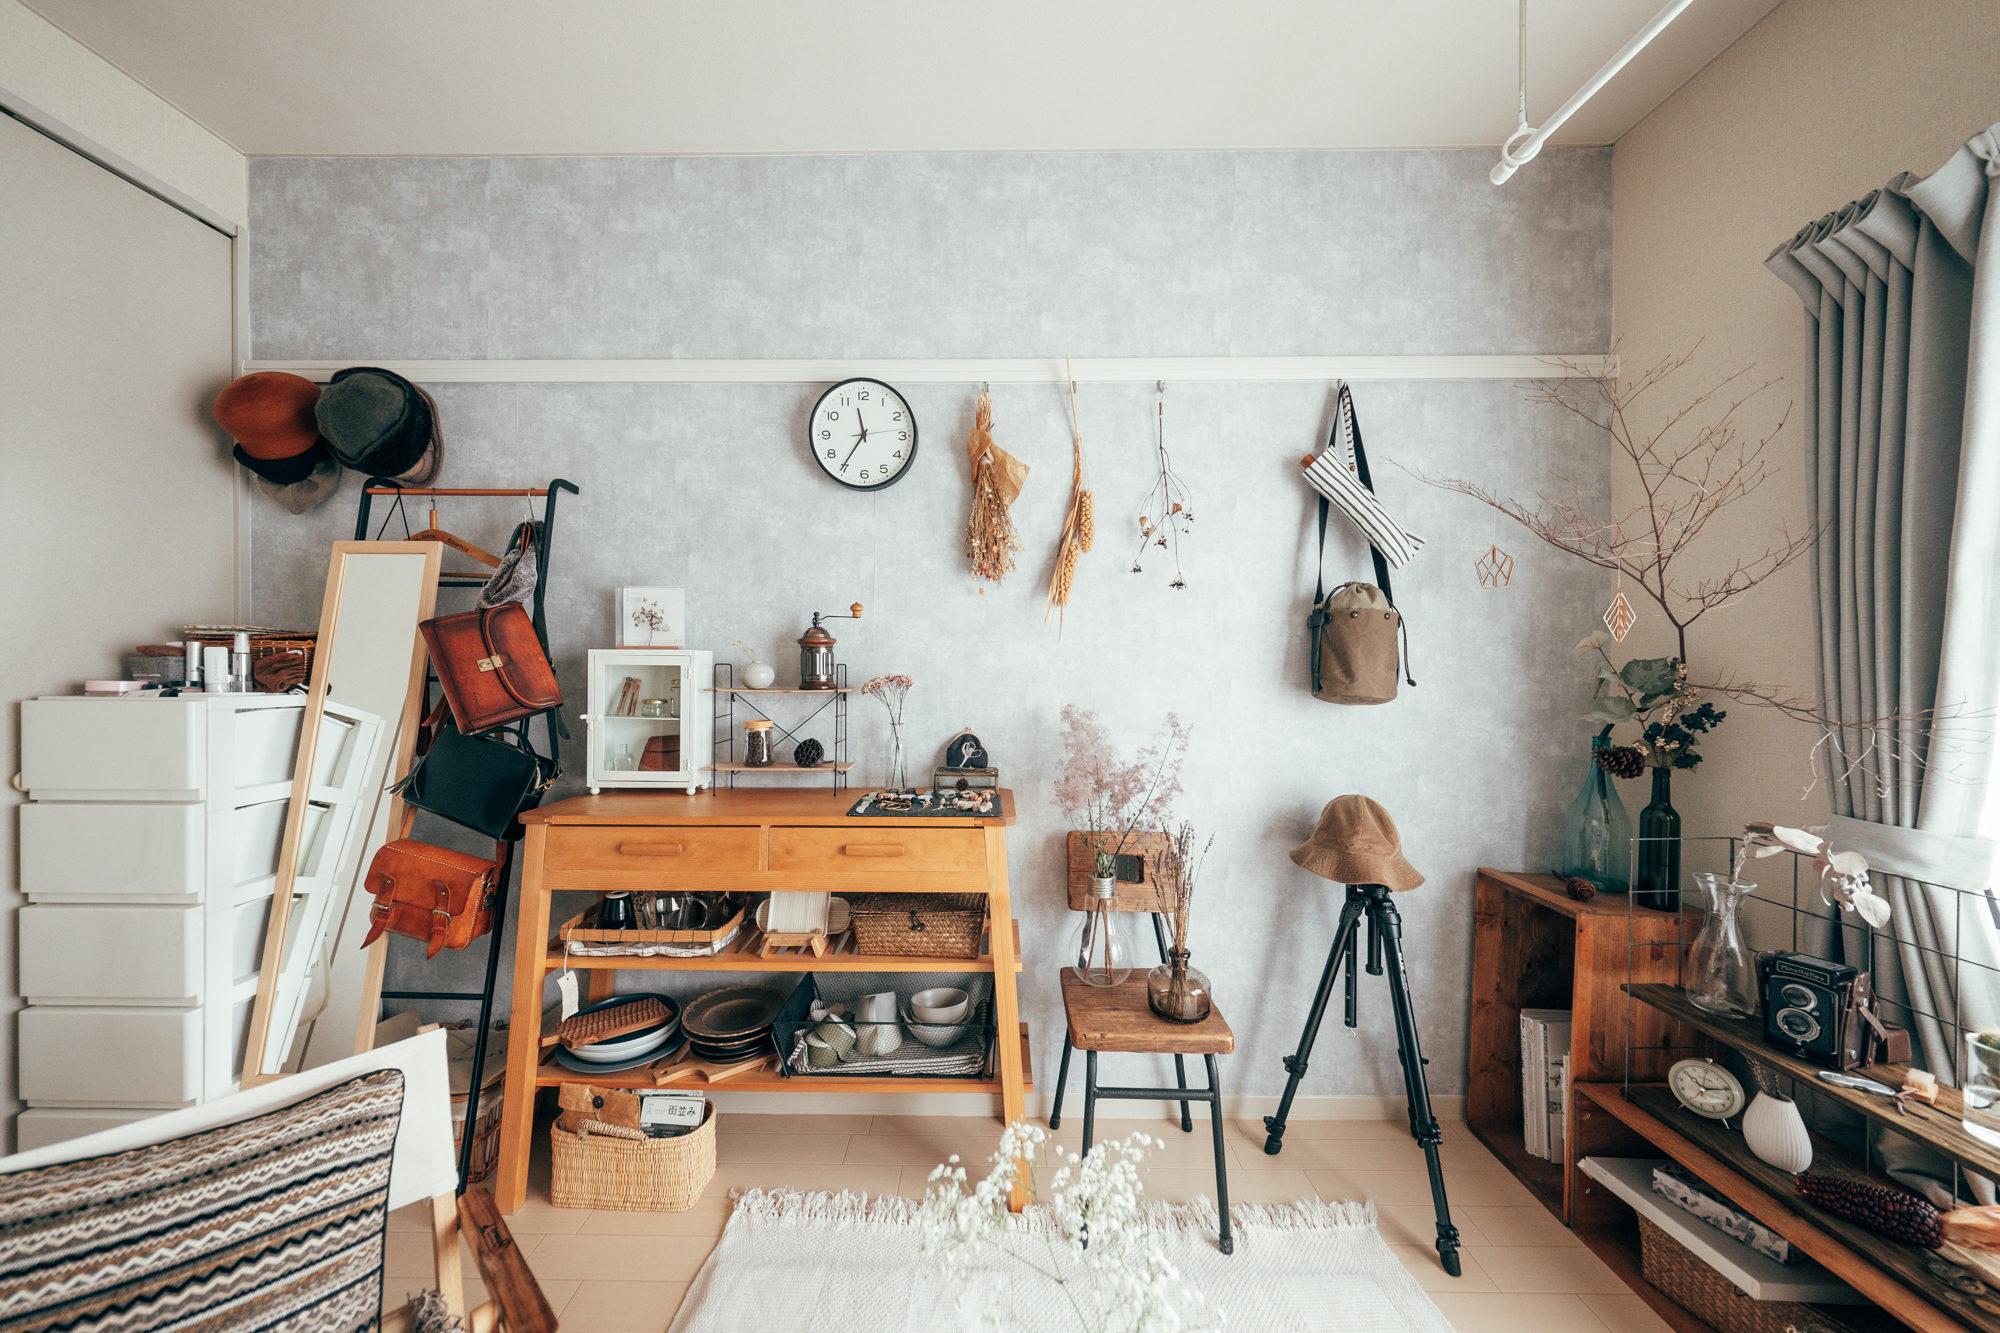 ちょっと物足りなかった賃貸を壁紙でおしゃれに。自分好みの部屋に作り変えた9つの事例をご紹介!